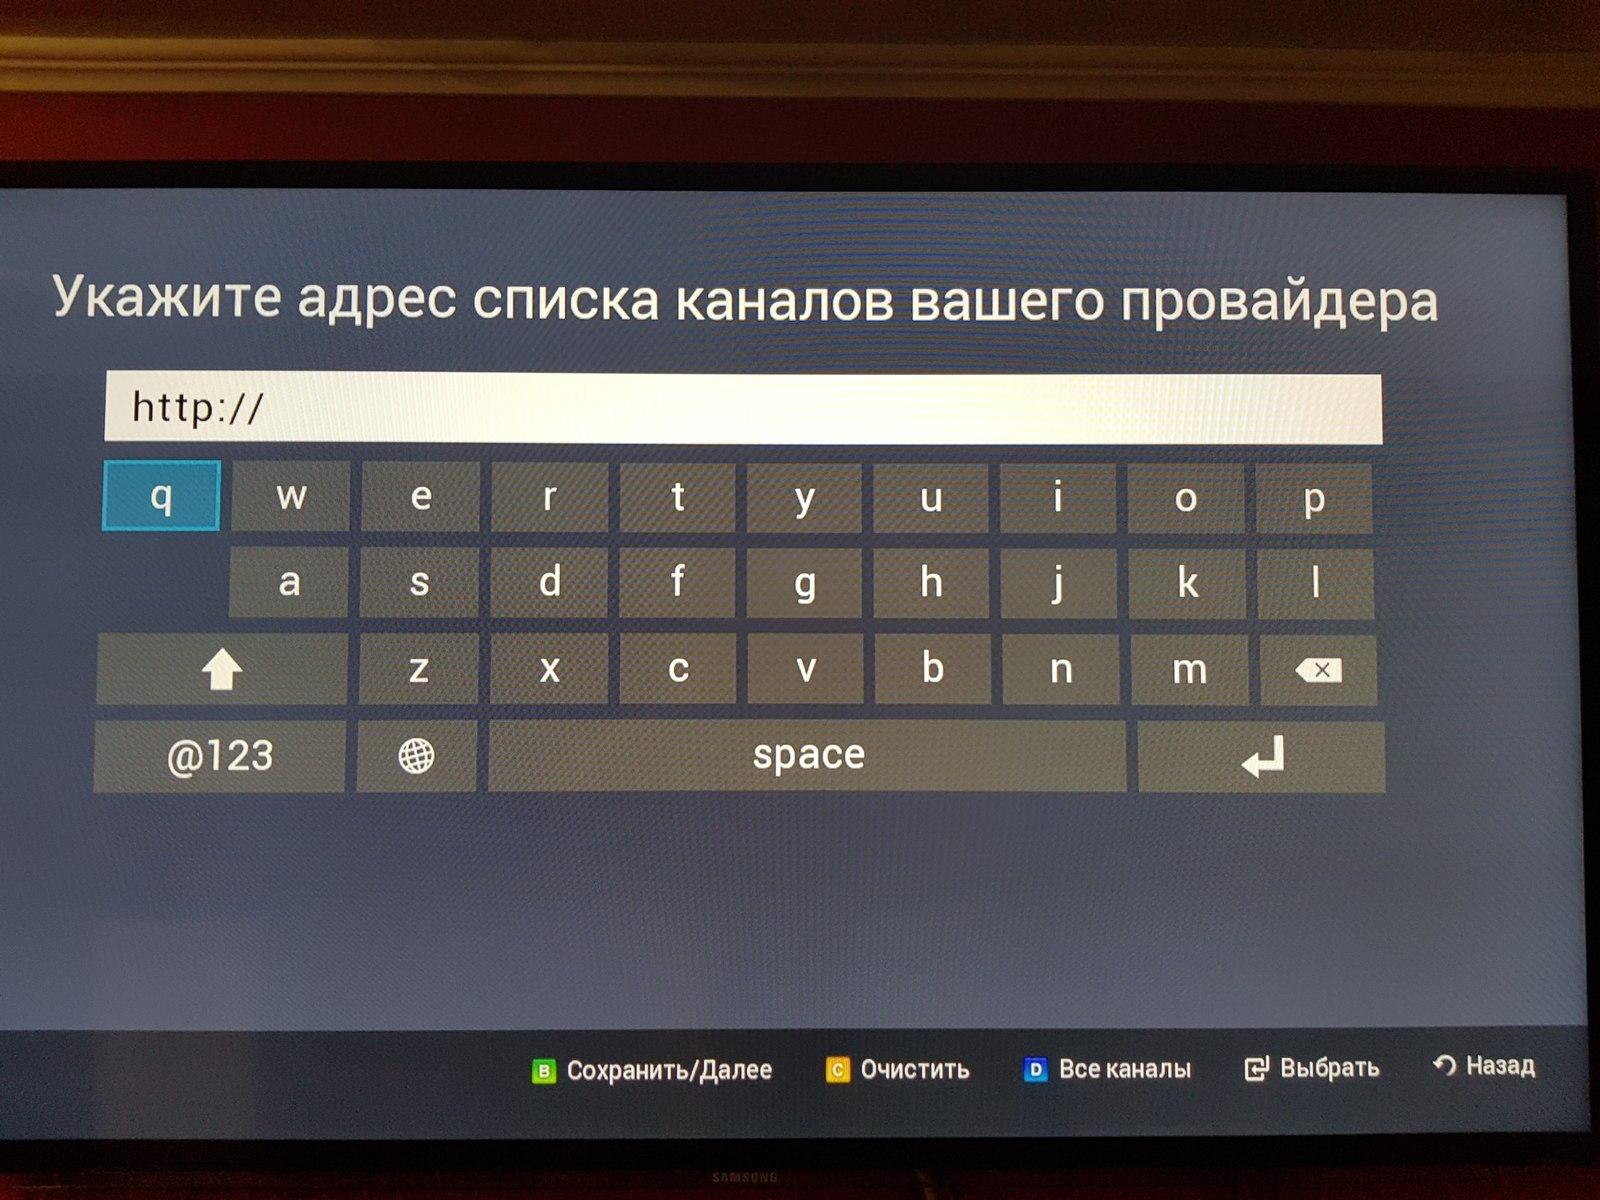 Доступное и бесплатное IPTV, около 300 каналов на вашем телевизоре без доп.оборудования